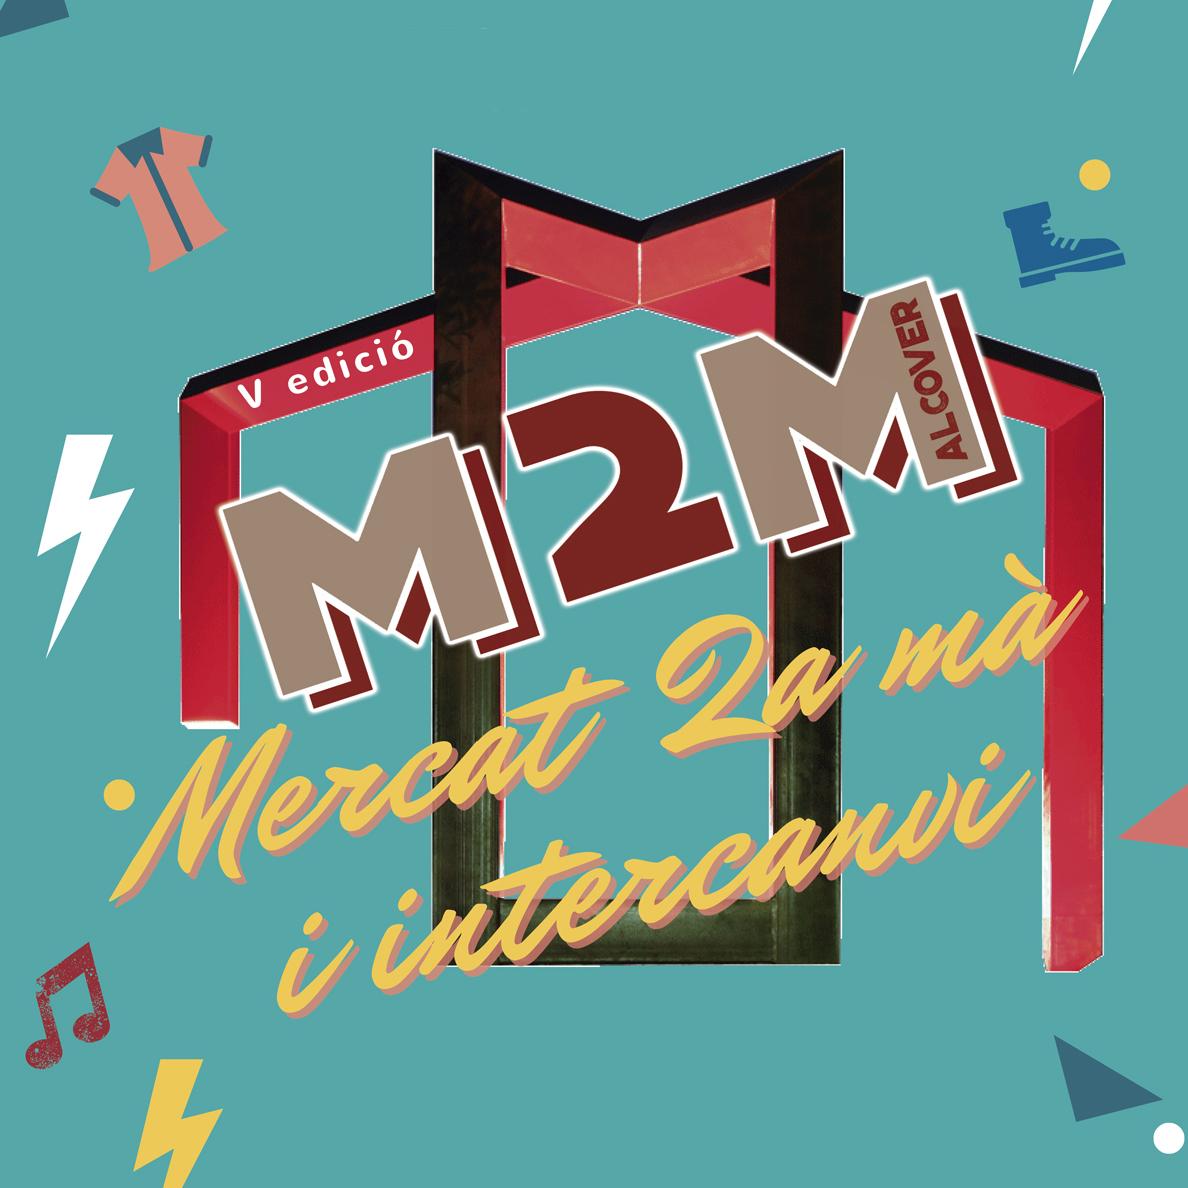 Mercat d'intercanvi i de segona mà M2M